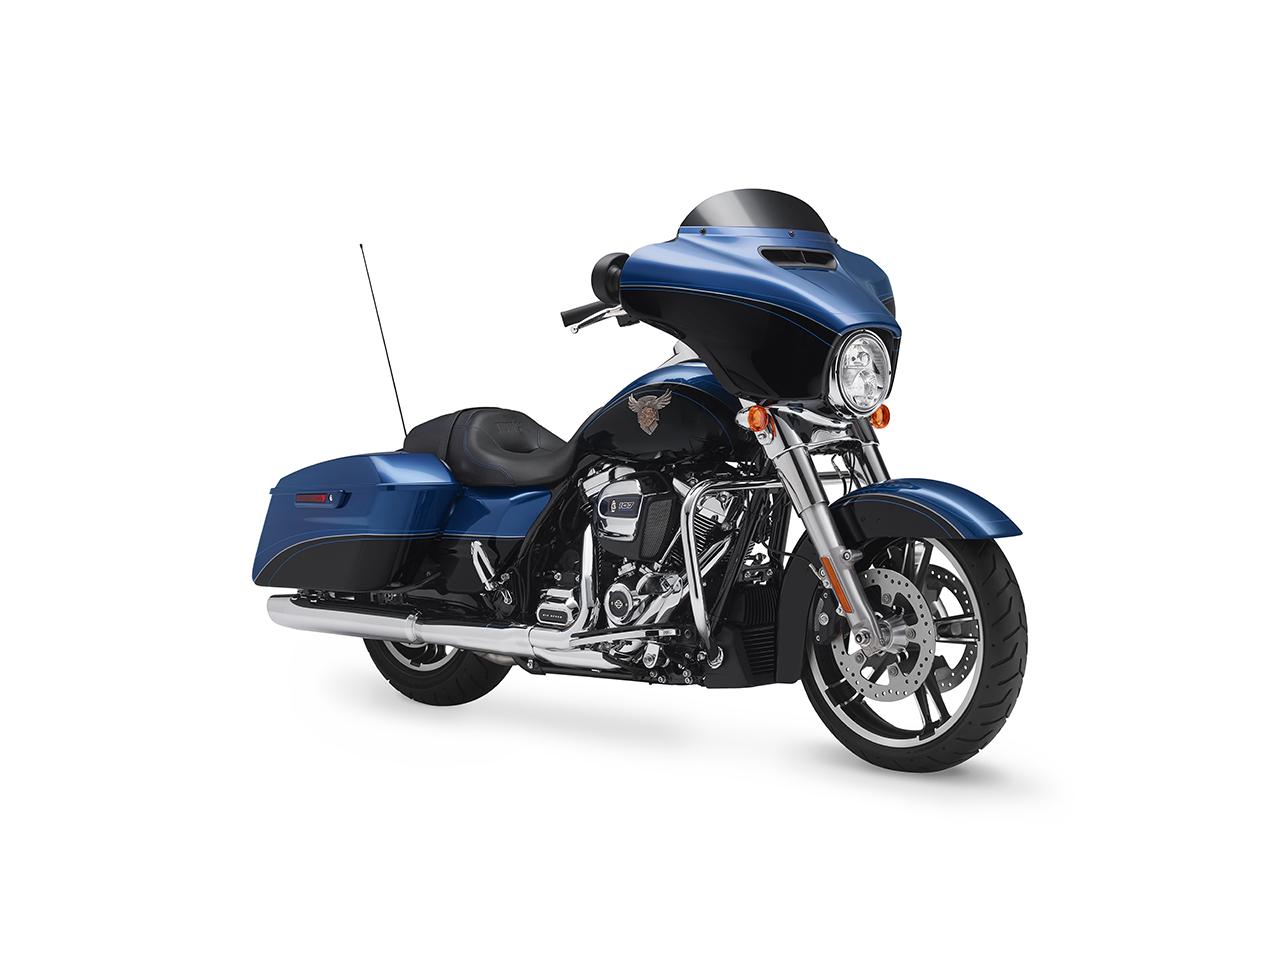 2018 Harley-Davidson Street Glide Image